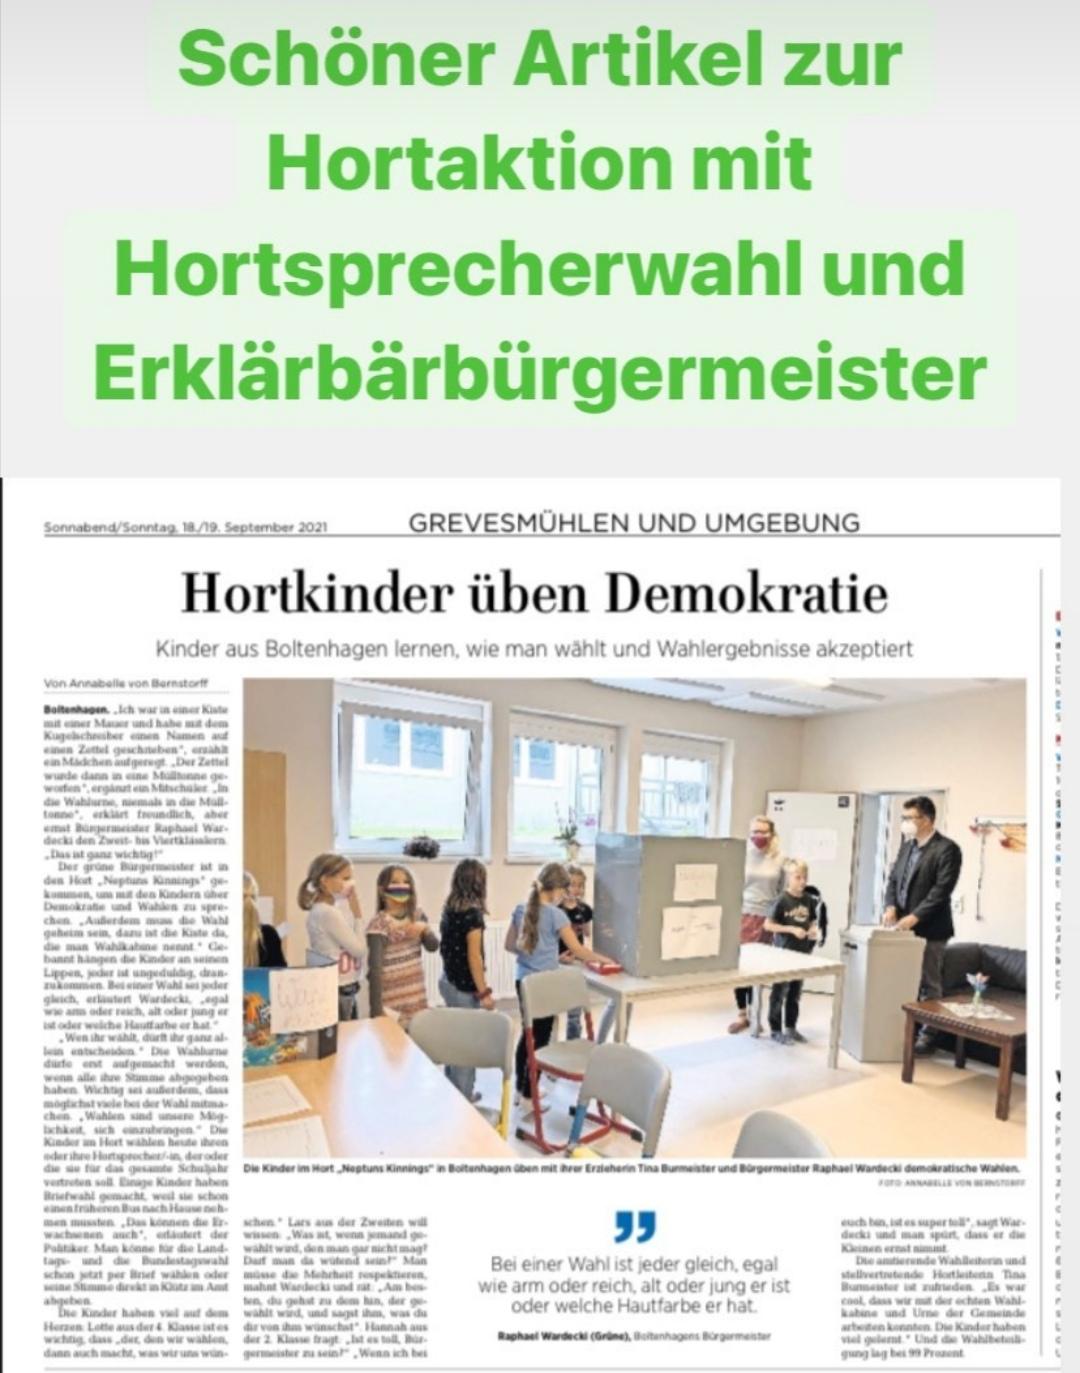 Demokratie will geübt sein! Hort lädt den Bürgermeister samt Wahlkabine und Wahlurne zur Wahl der Hortsprecherin- bzw. des Hortsprechers ein.